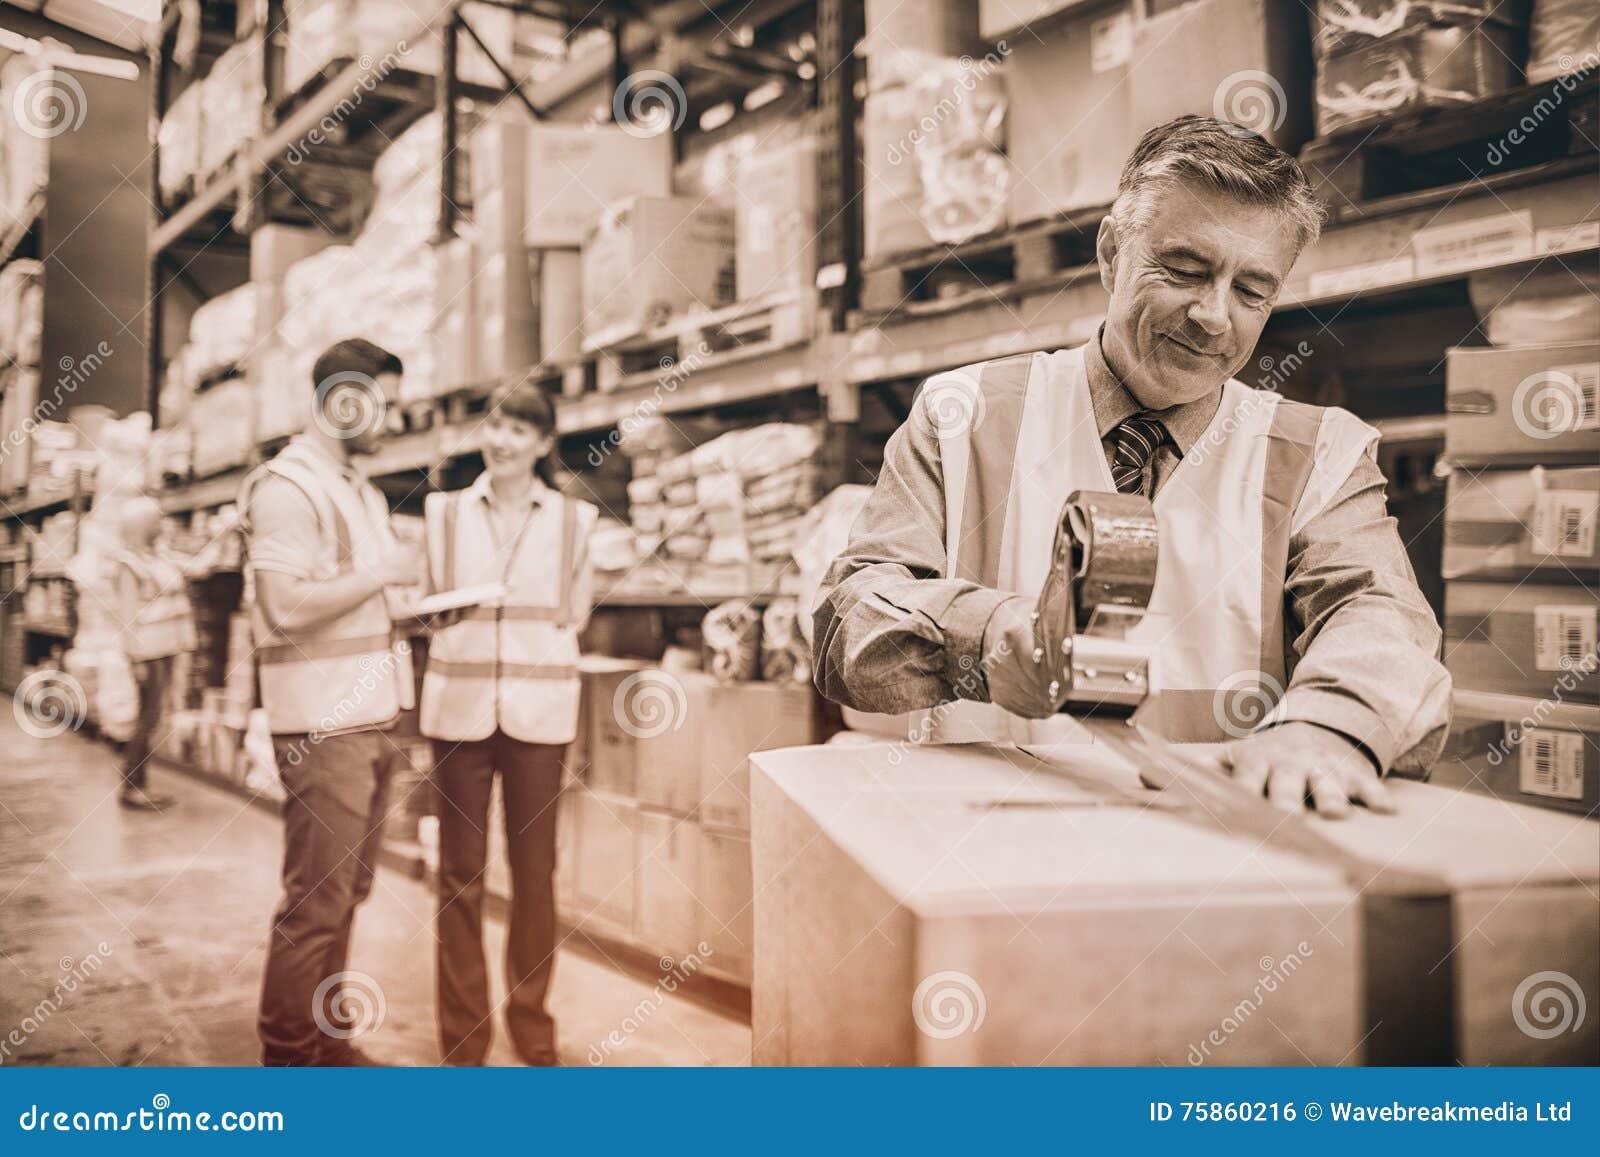 Cajas de cartón del lacre del trabajador de Warehouse para enviar